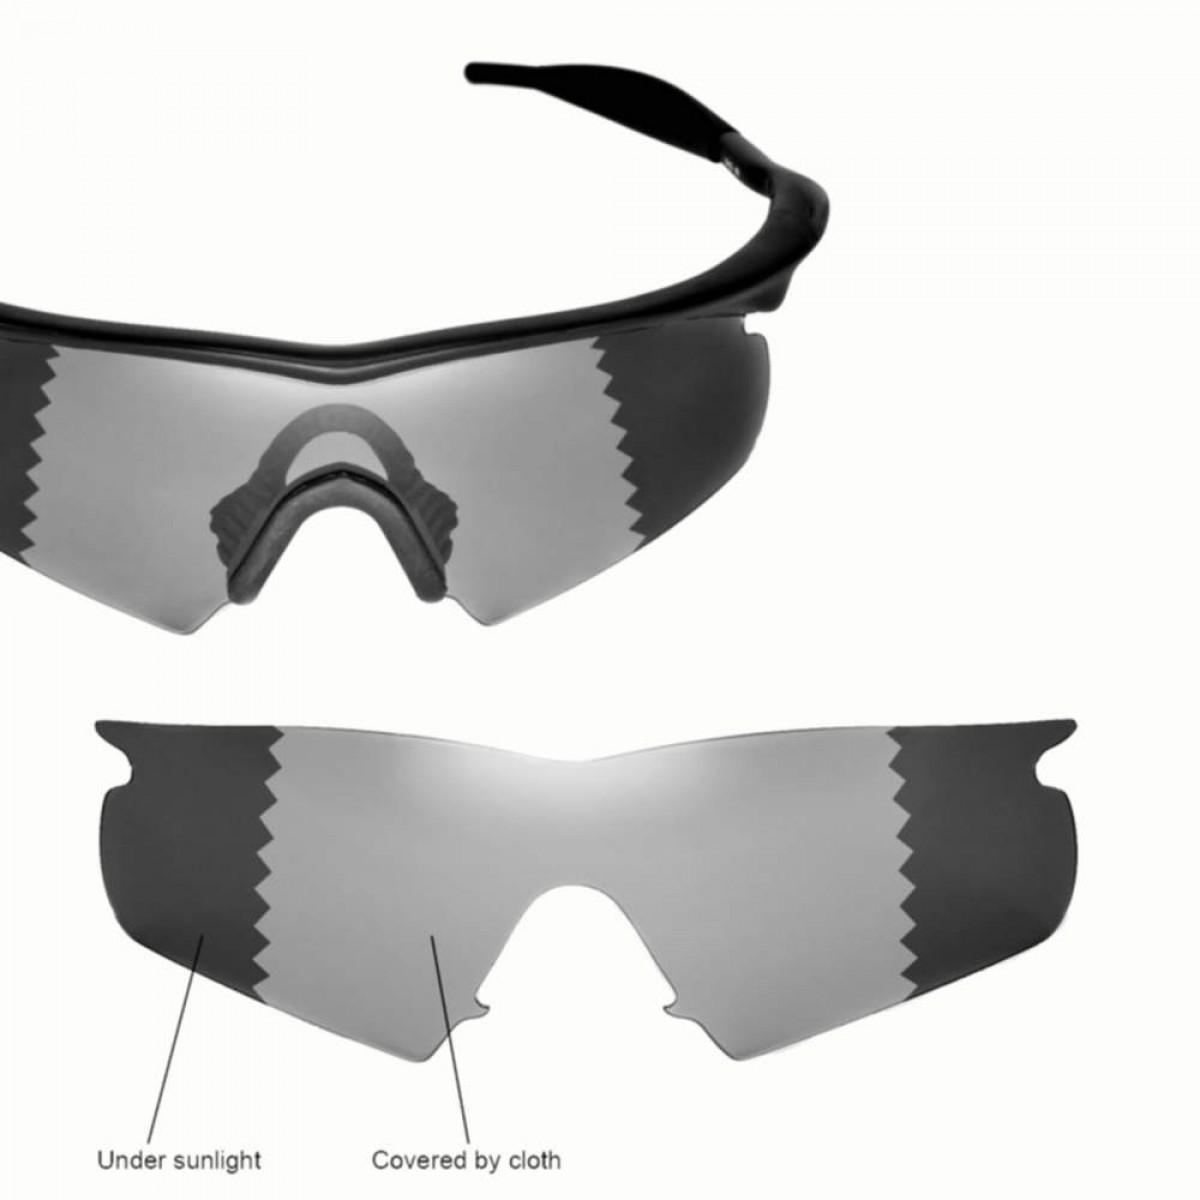 5d103aae5f Cofery Lenses Store Cofery Replacement Lenses for Oakley M Frame Hybrid  Sunglasses